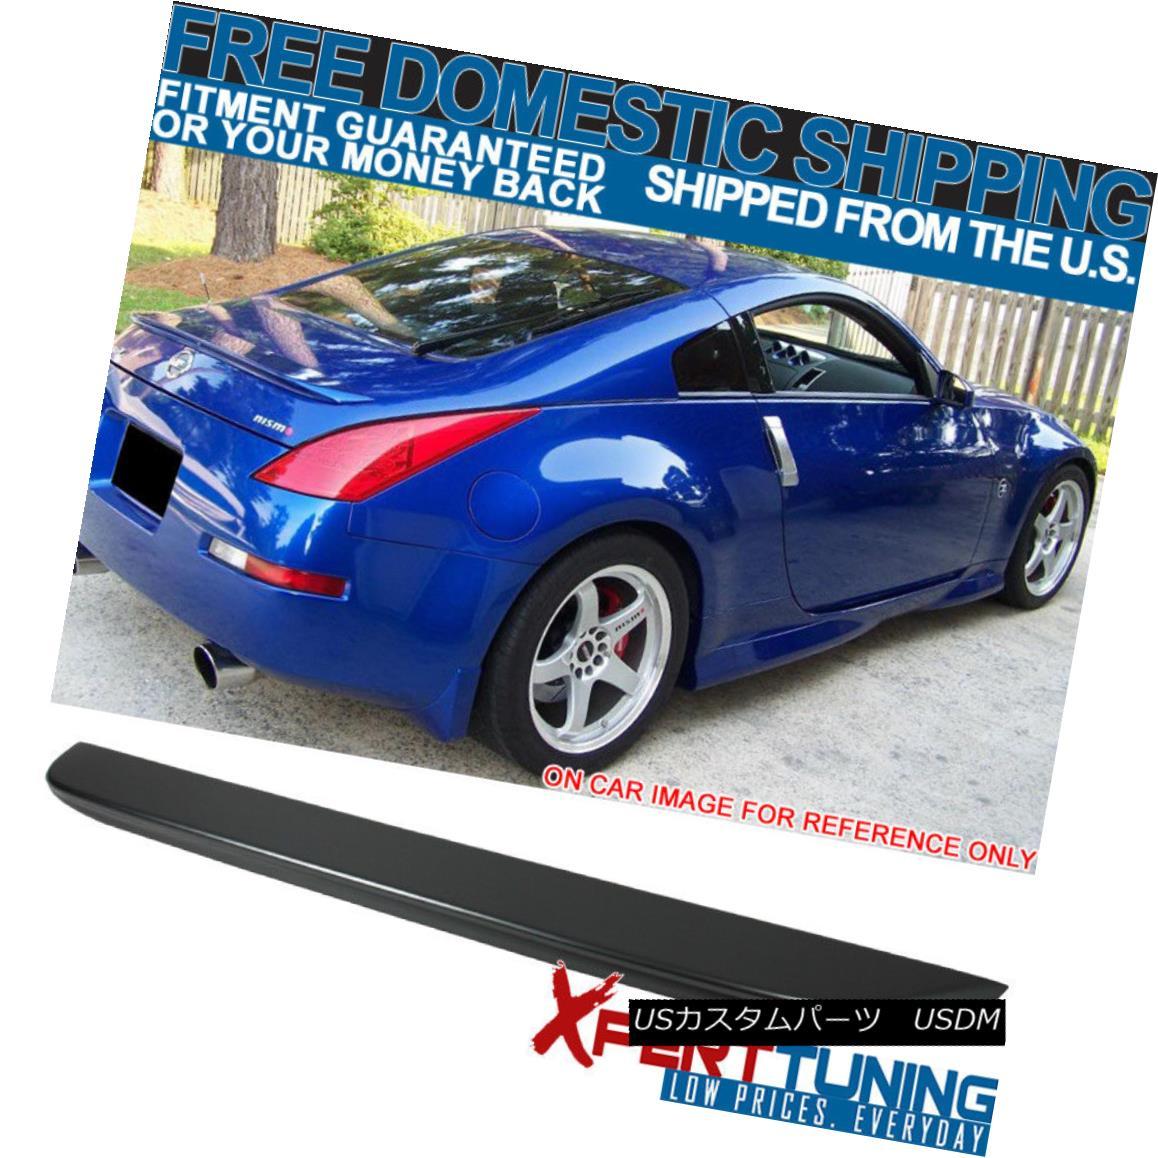 エアロパーツ Fits 03-08 350Z OE Style Trunk Spoiler Painted #WV2 Diamond Graphite Metallic フィット03-08 350Z OEスタイルトランクスポイラー#WV2ダイヤモンドグラファイトメタリック塗装